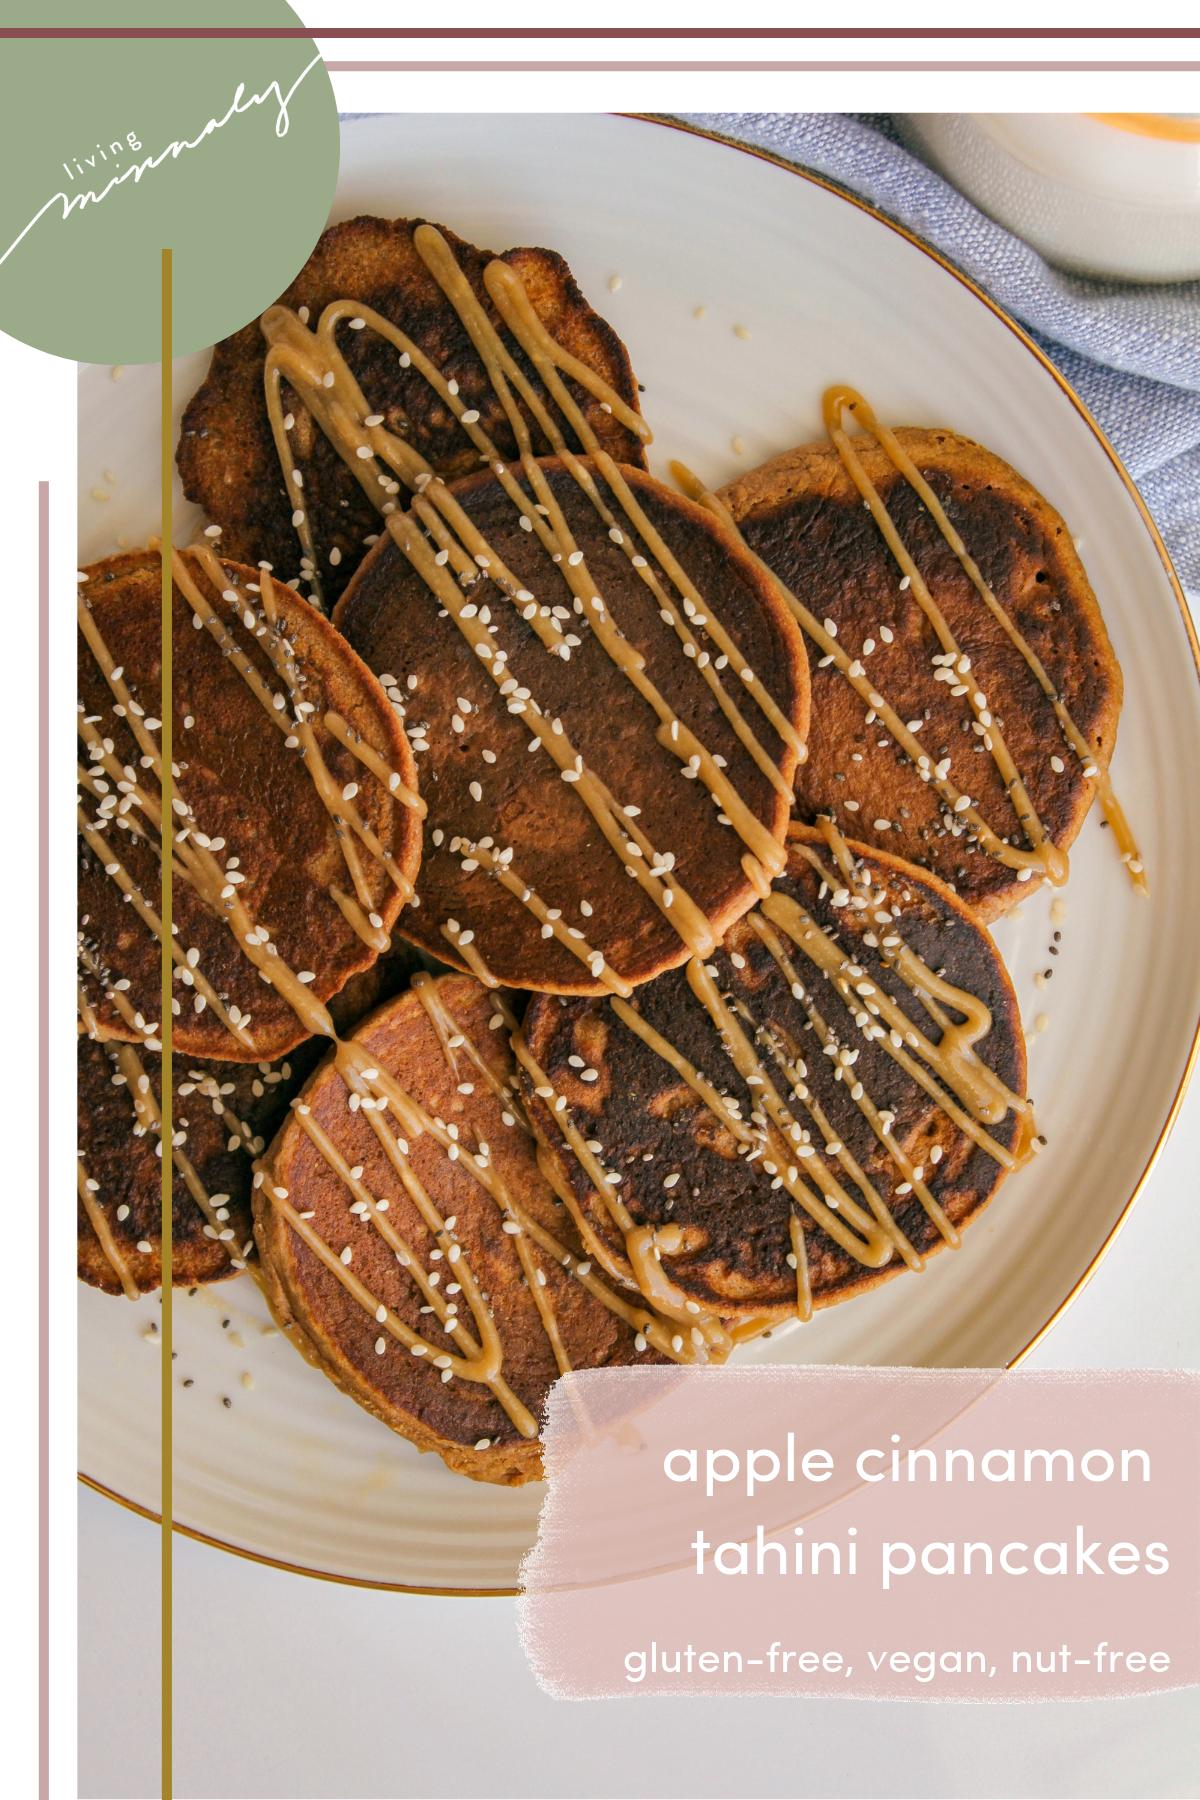 Apple Cinnamon Tahini Oat Pancakes | Living Minnaly